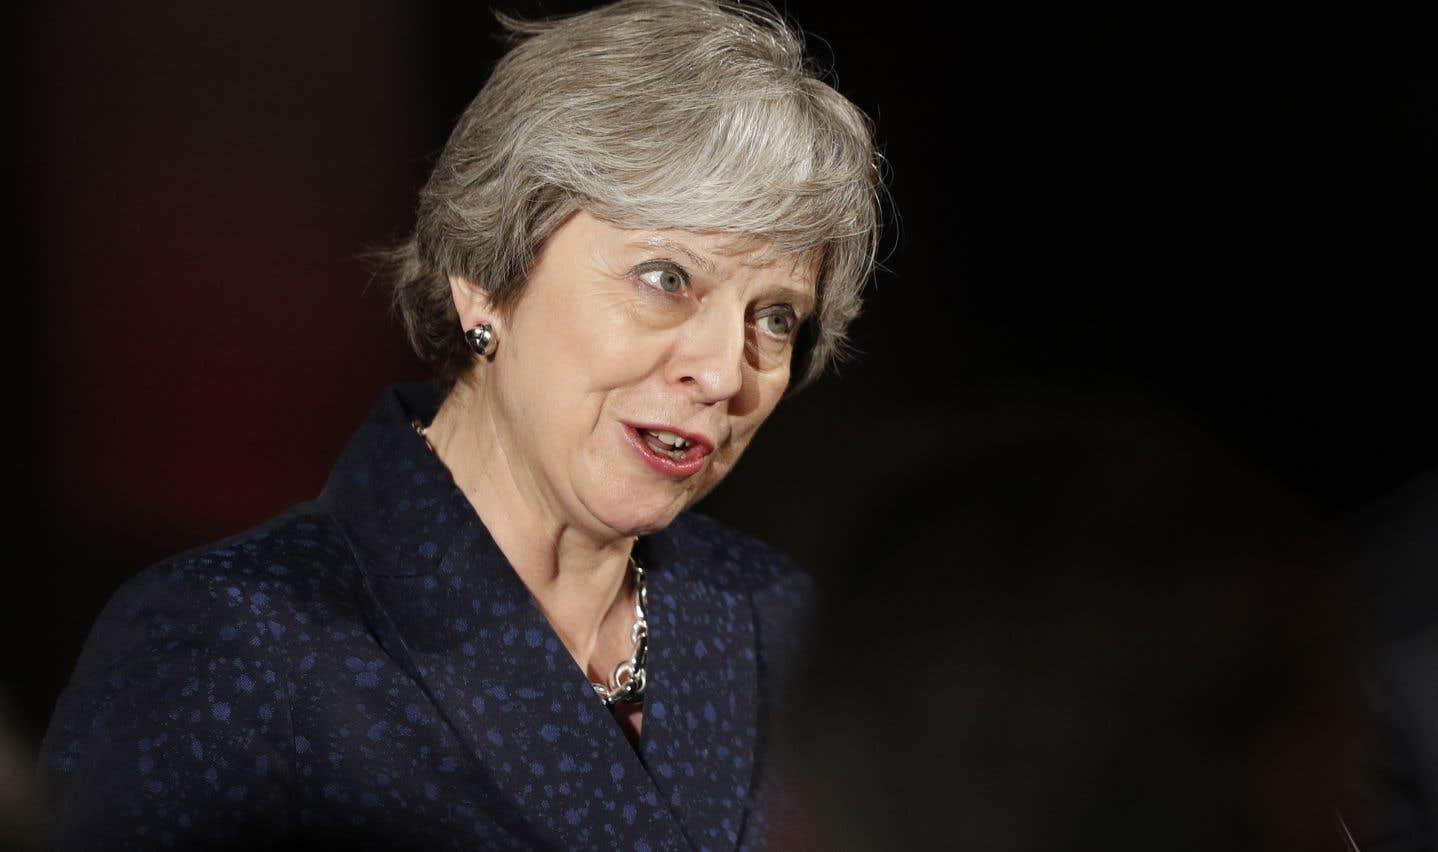 «La Russie cherche à faire de l'information une arme [...] dans le but de semer la discorde en Occident», estimait déjà Theresa May en 2017.